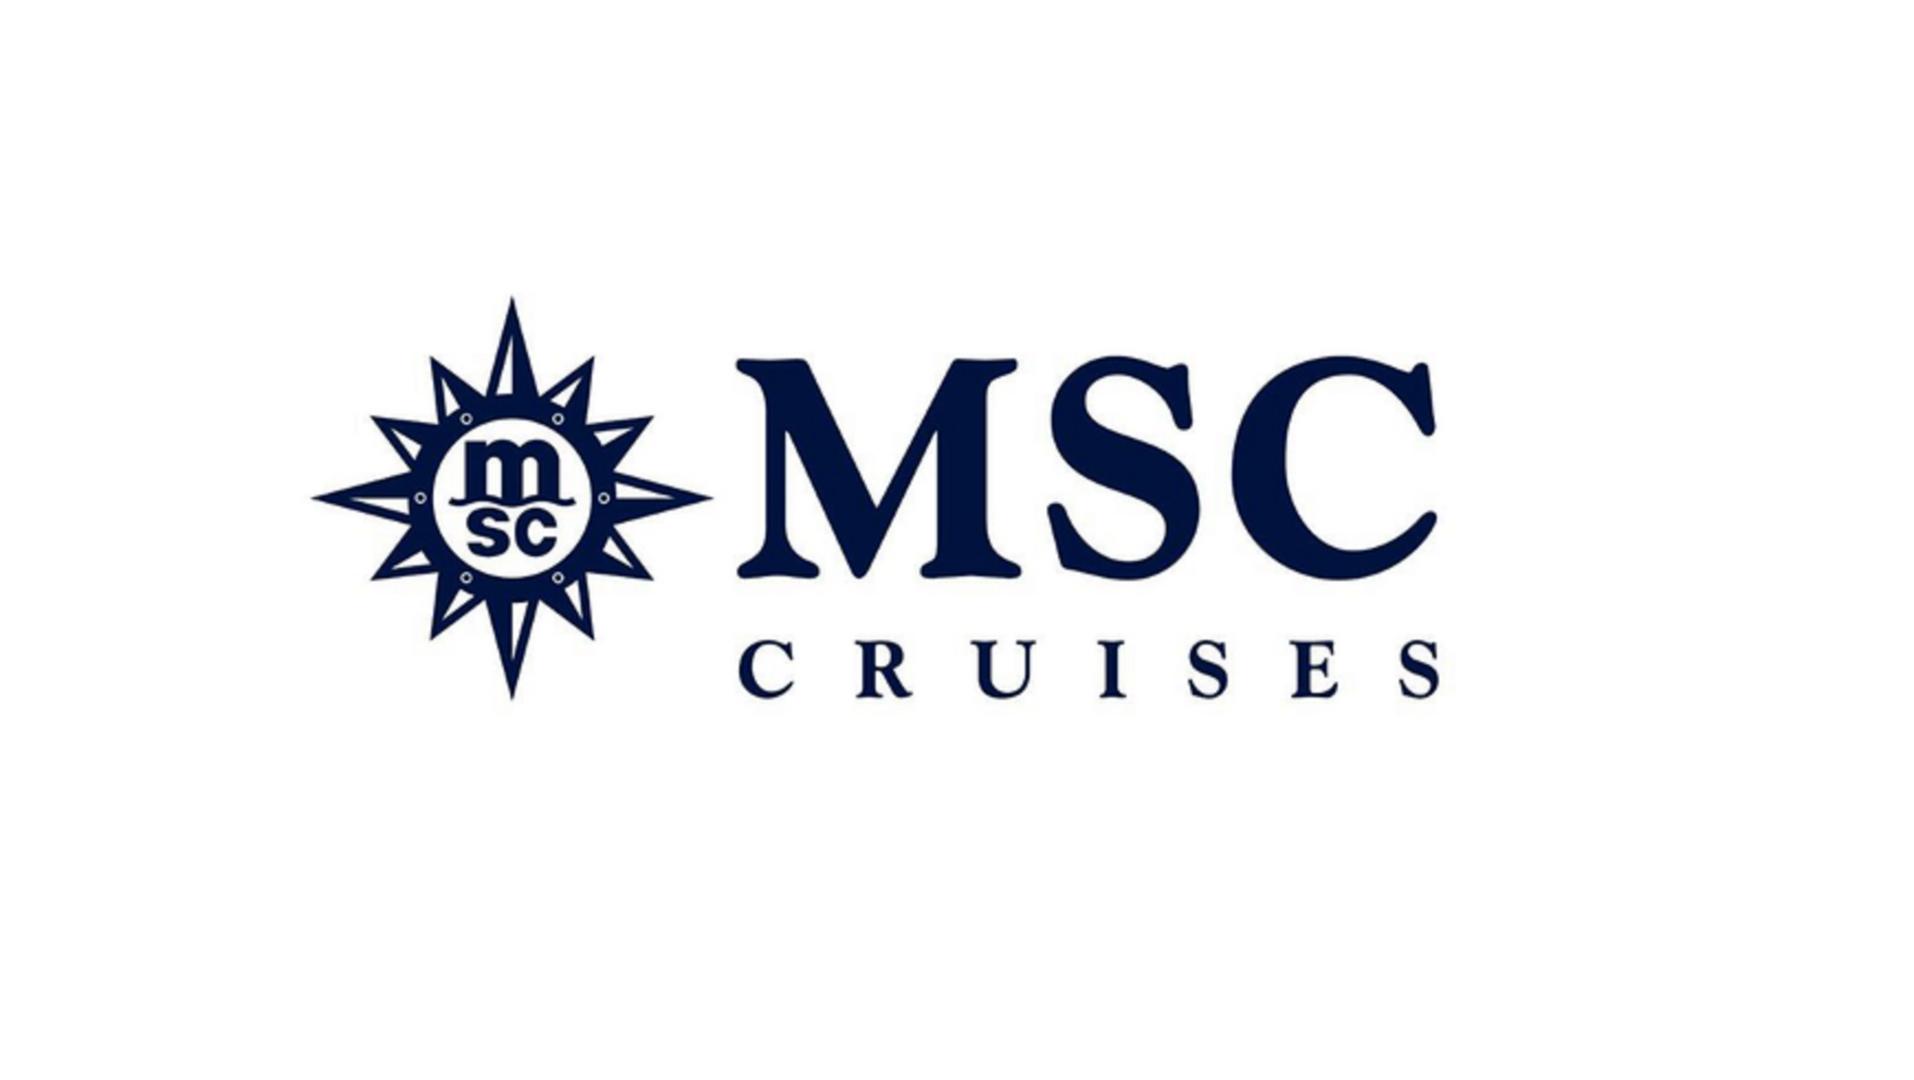 MSC-Cruises-new-logo.png